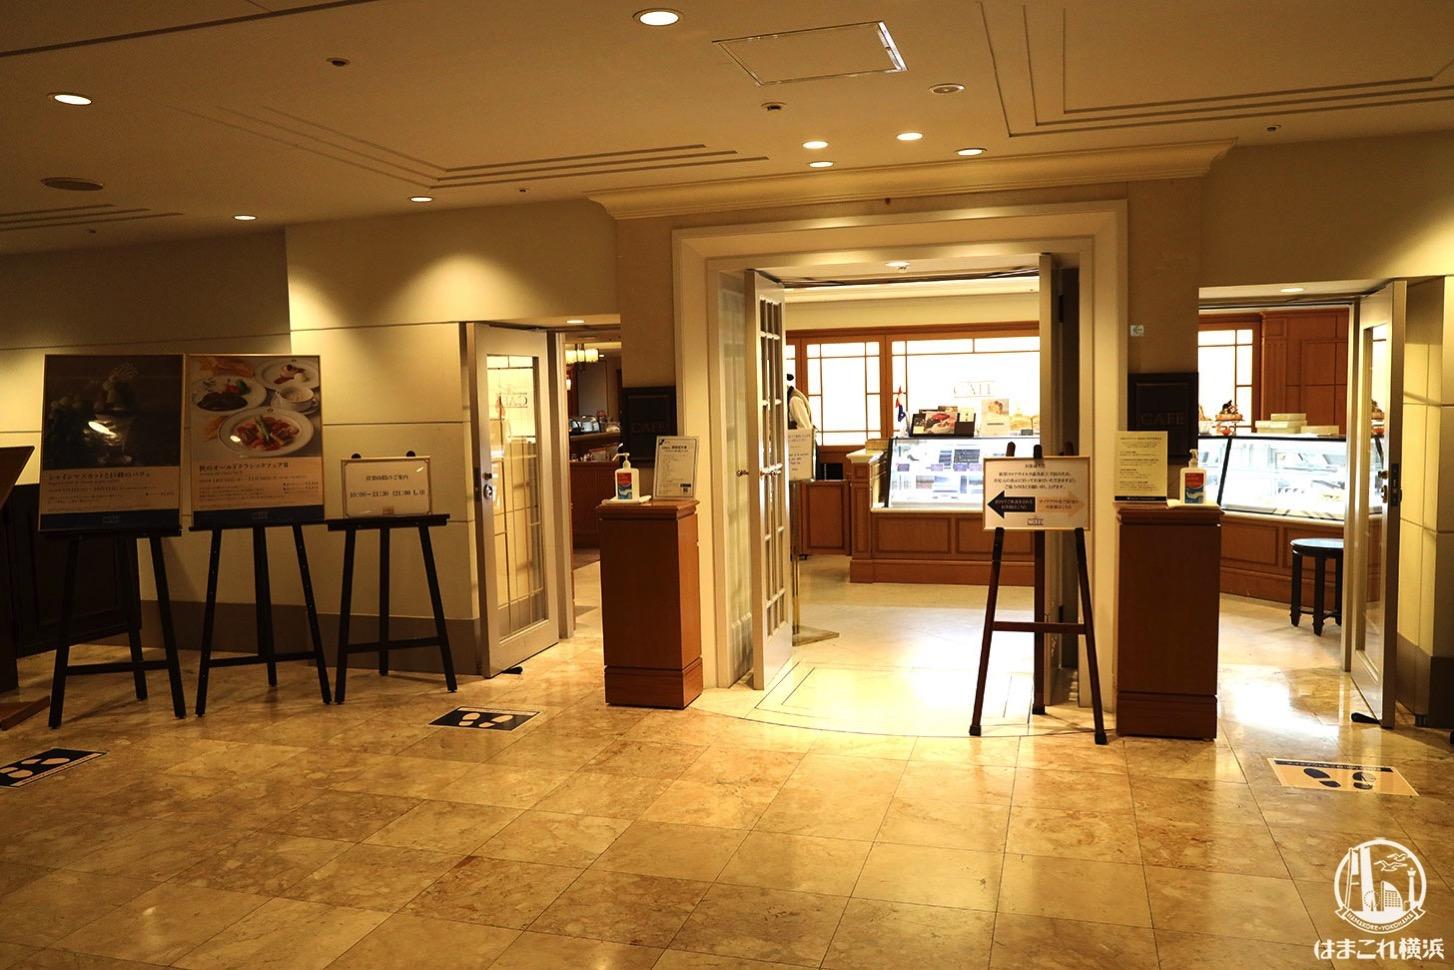 ホテルニューグランド本館1階の「ザ・カフェ」外観・入り口